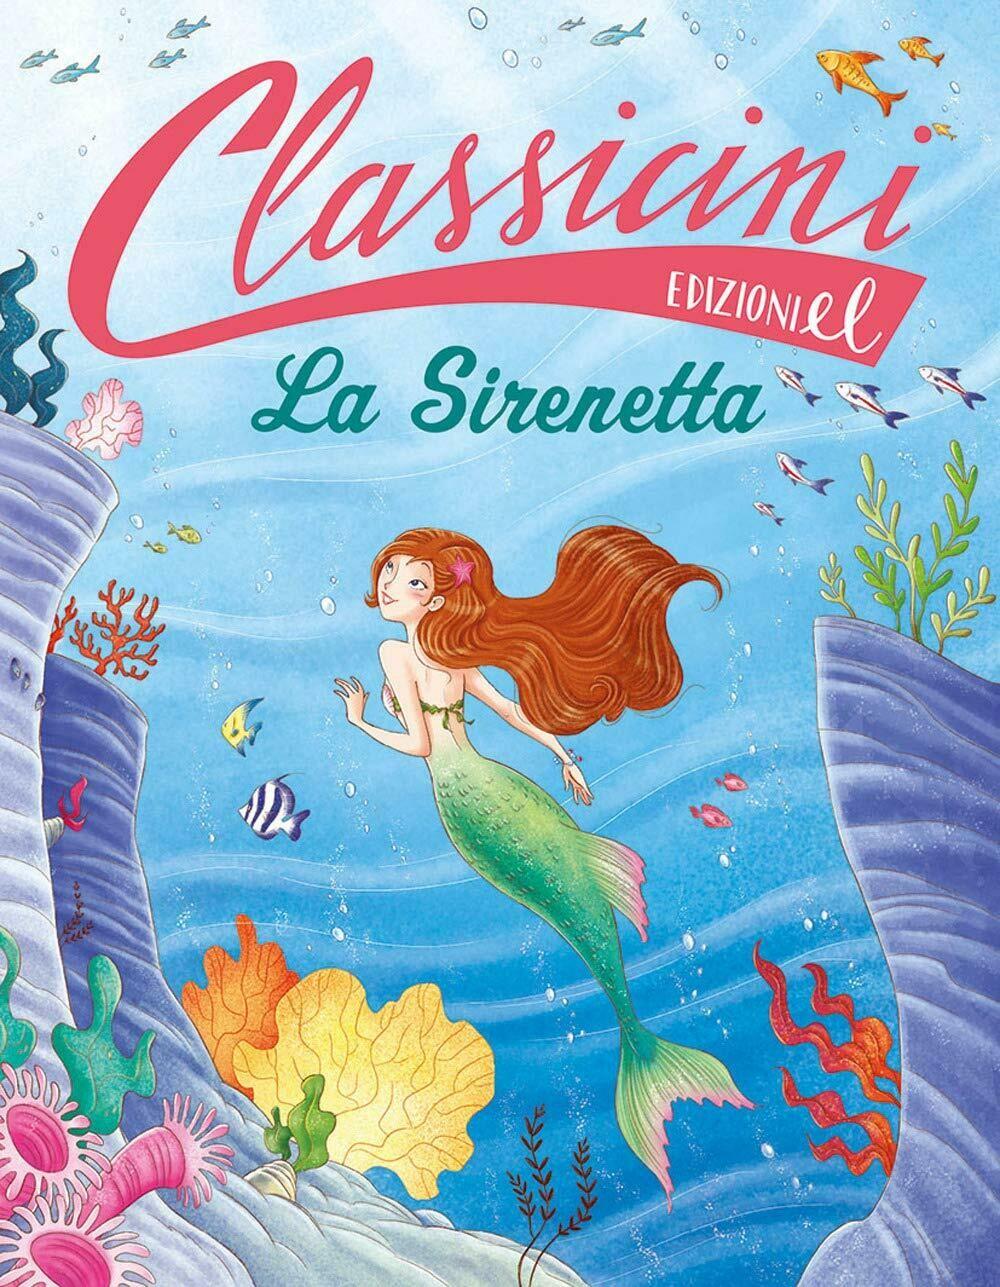 La sirenetta. Classicini